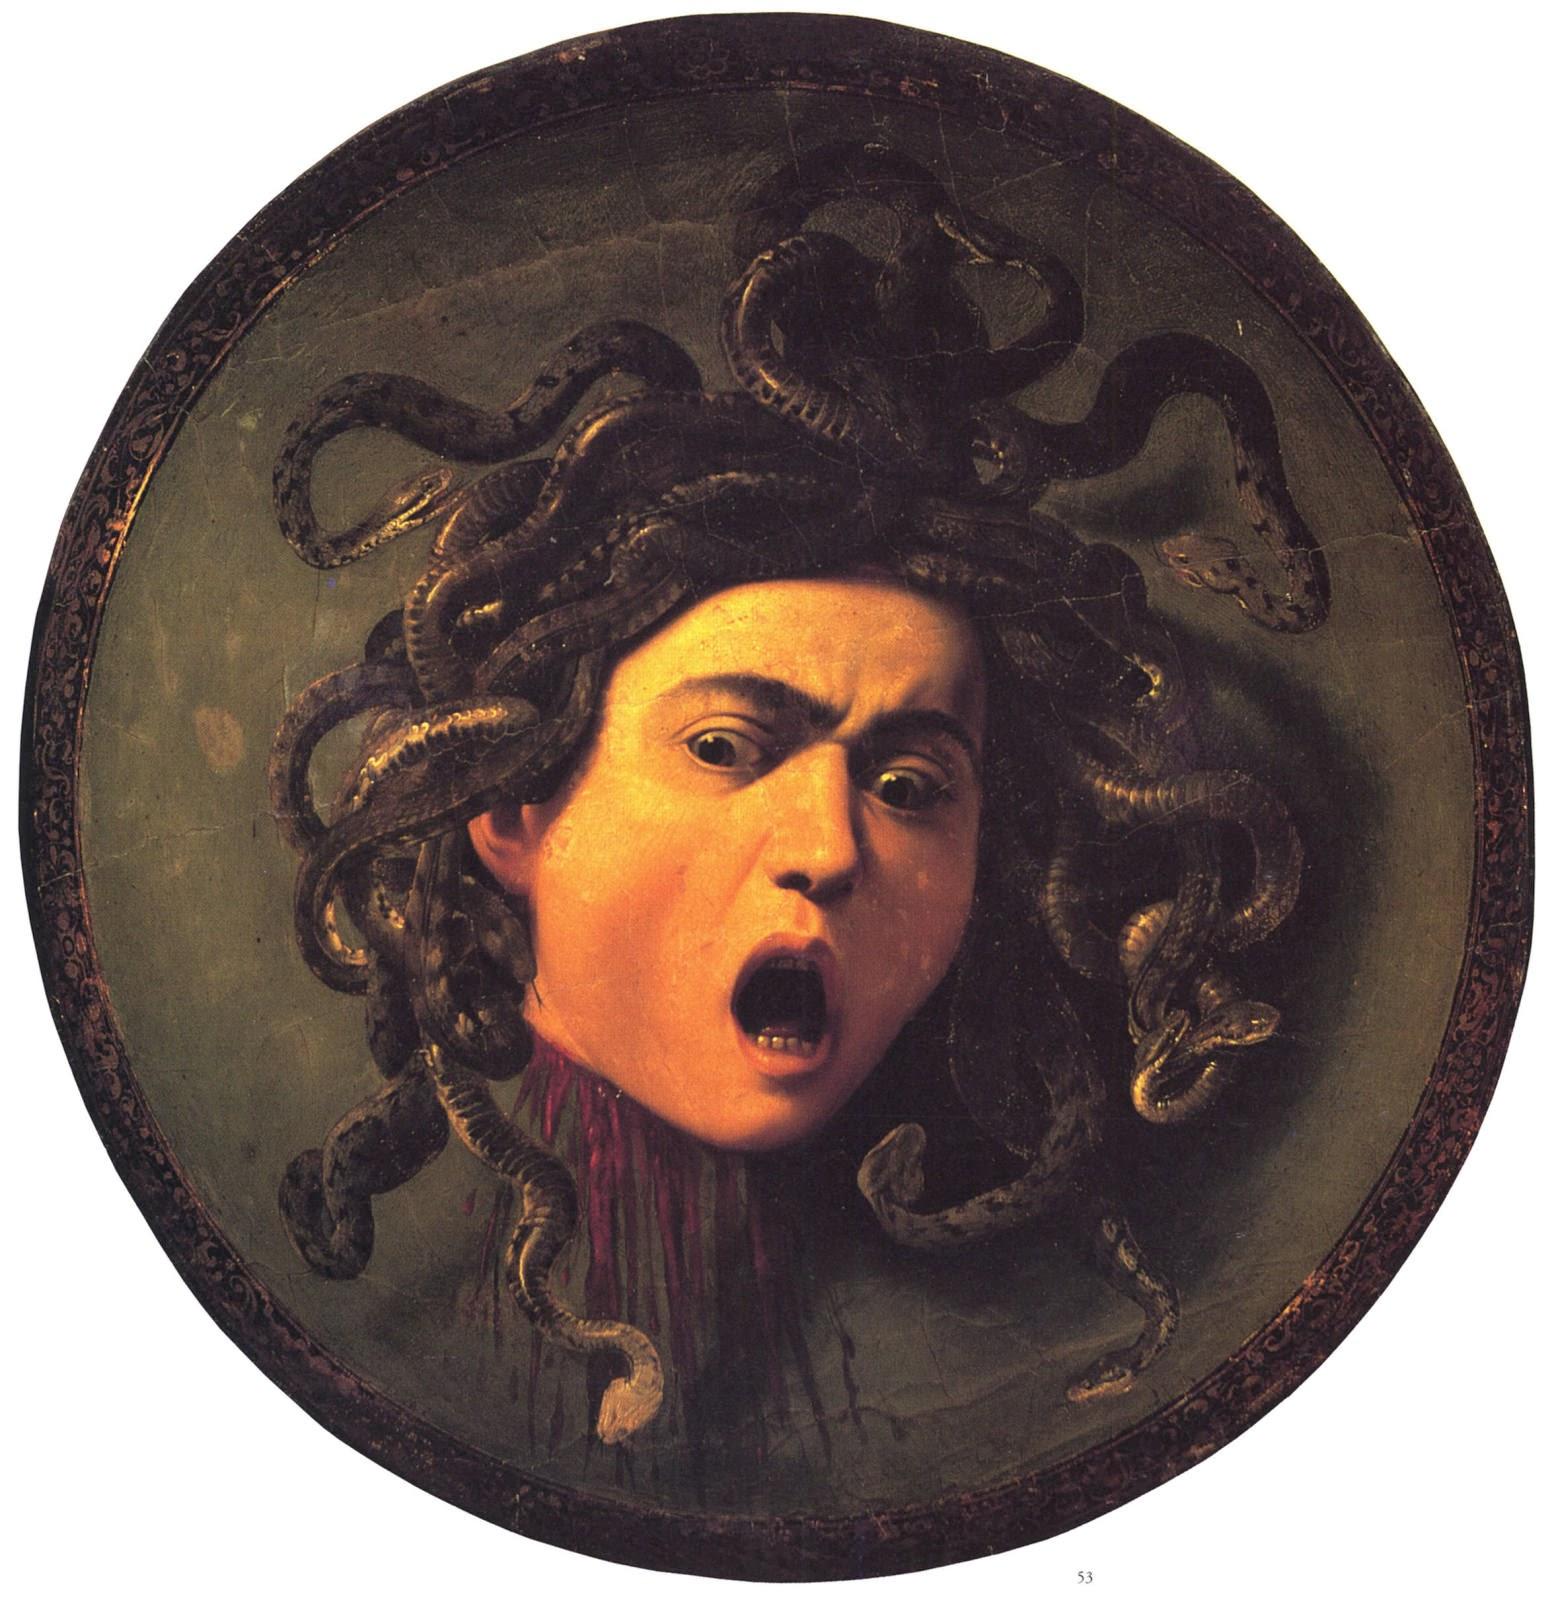 Cái đầu của con quái vật Medusa với bộ tóc rắn. Hình vẽ bởi họa sĩ người Ý Caravaggio.